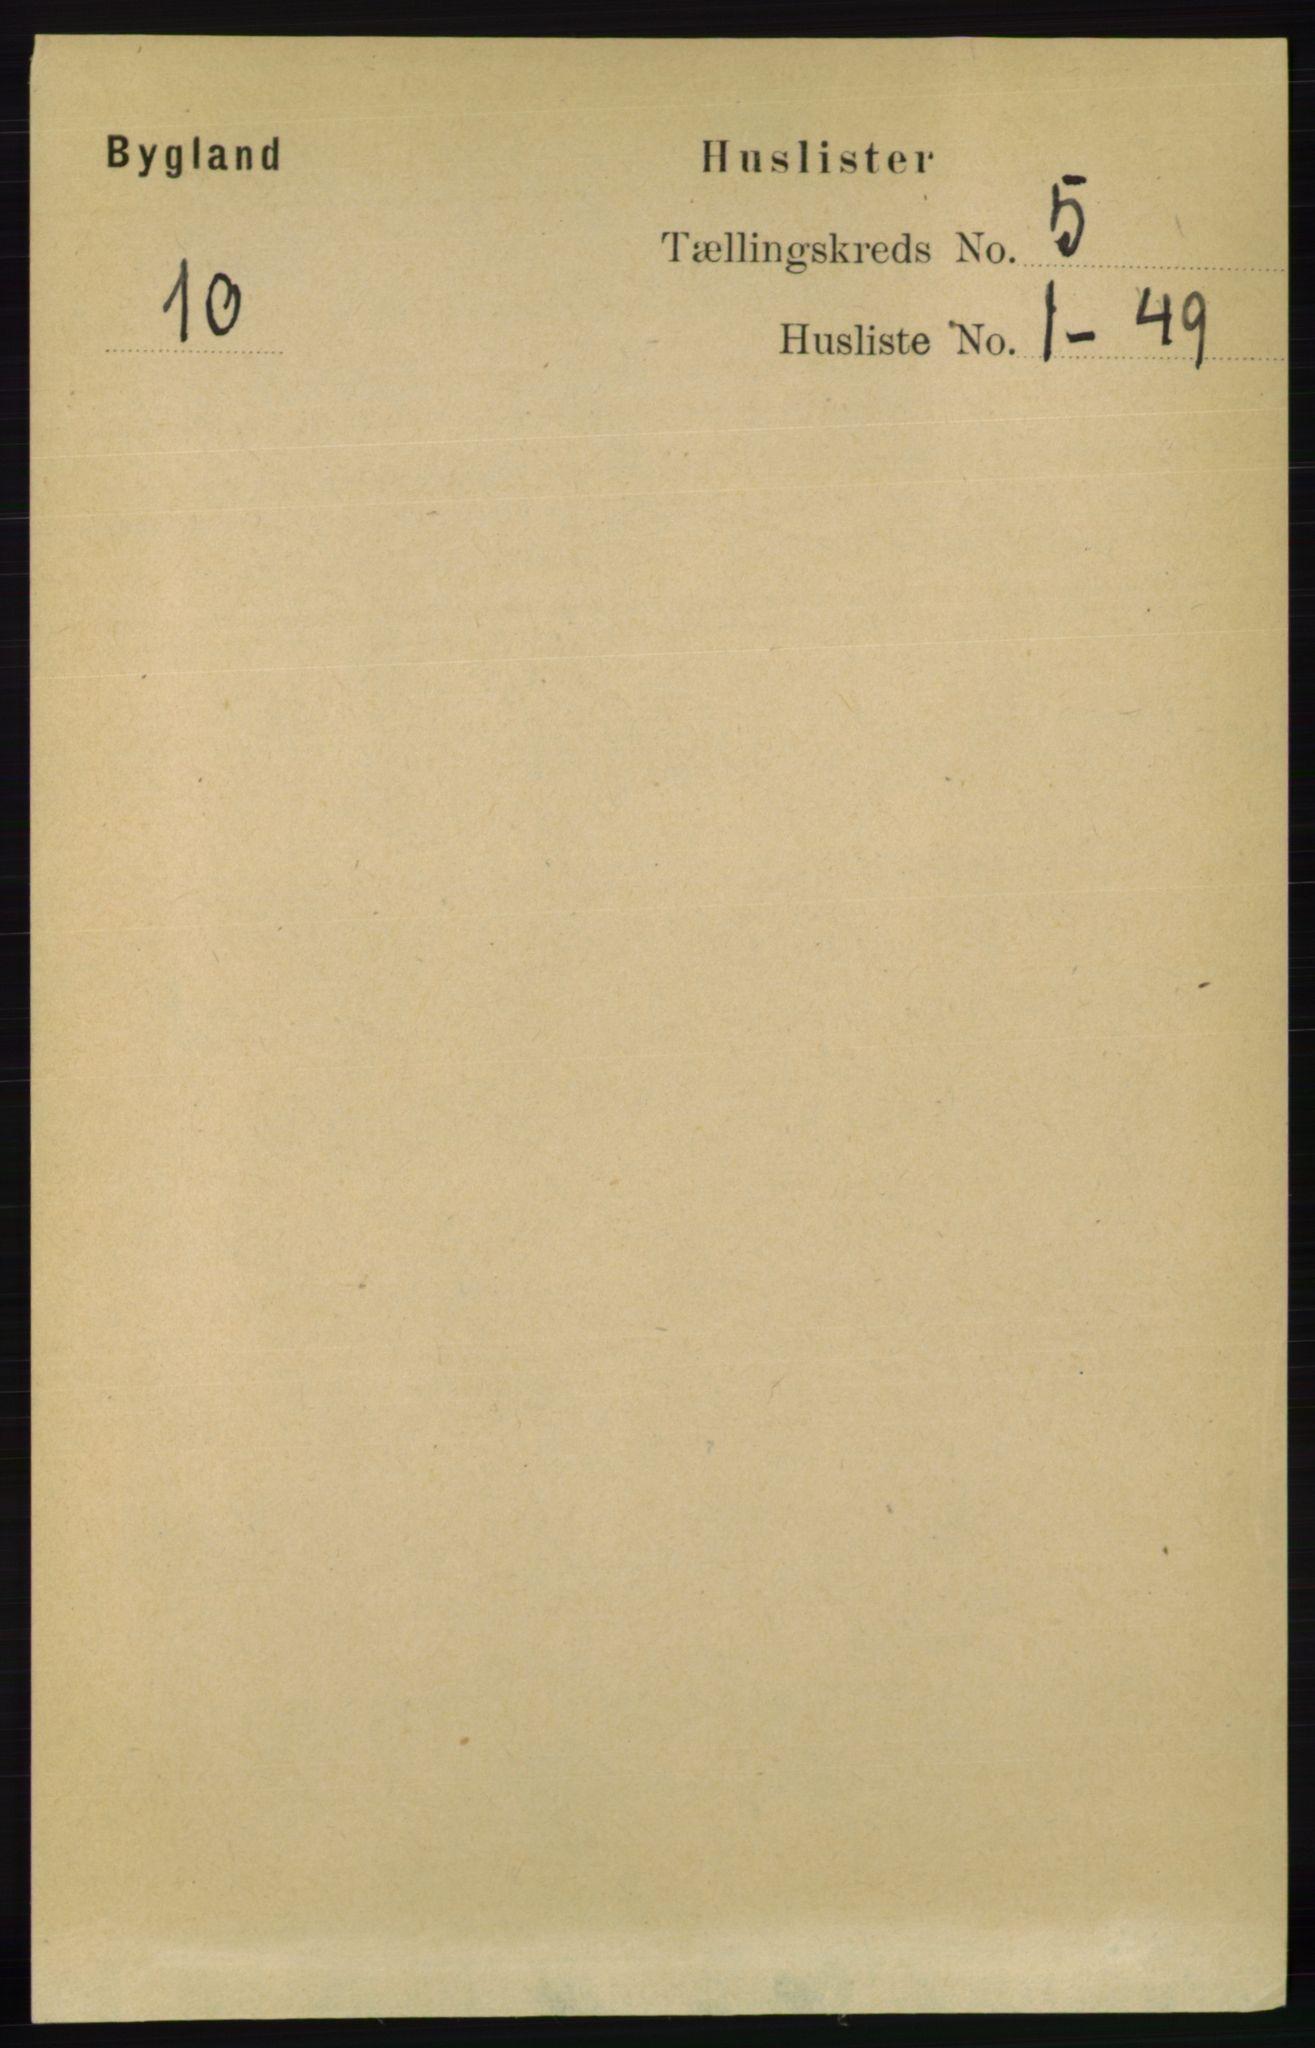 RA, Folketelling 1891 for 0938 Bygland herred, 1891, s. 997